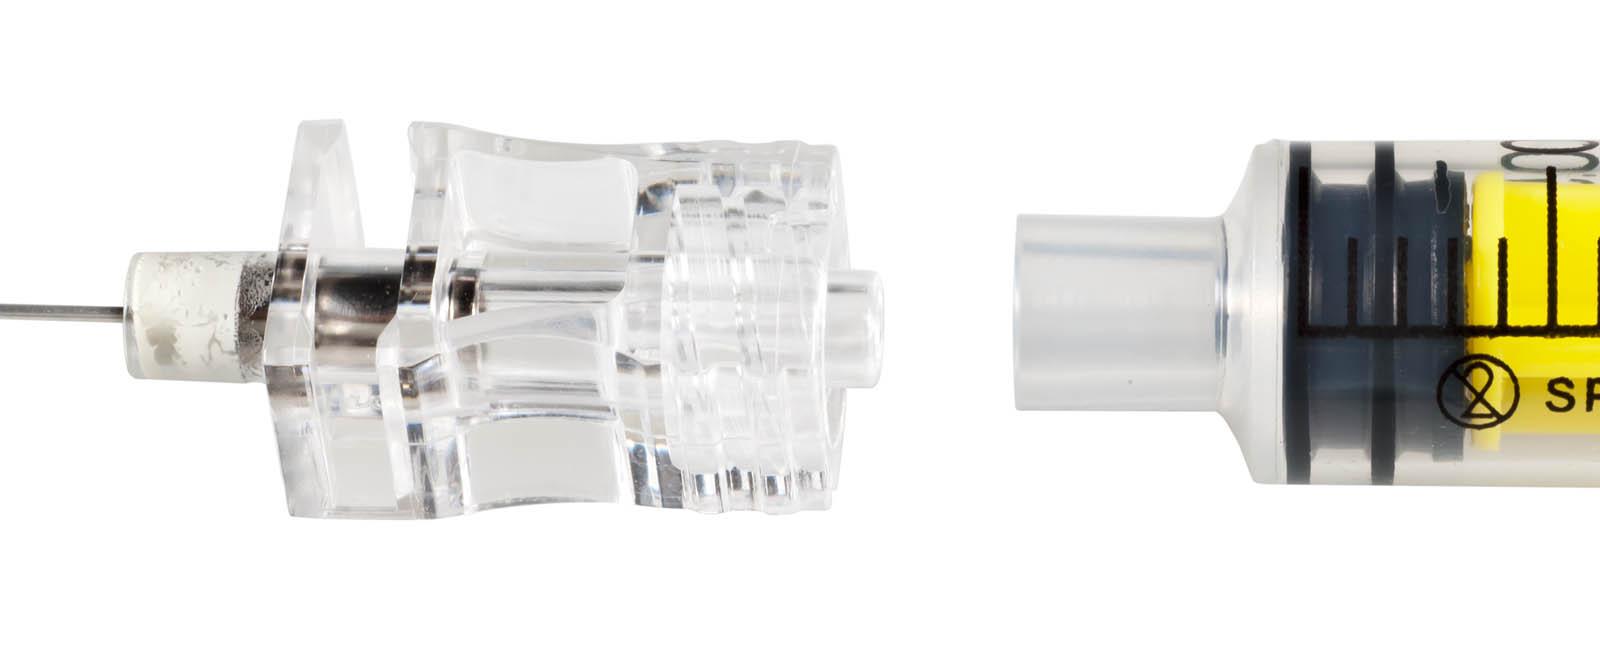 Comparativa entre las agujas espinales más utilizadas: capacidad de deformar y resistir la deformación